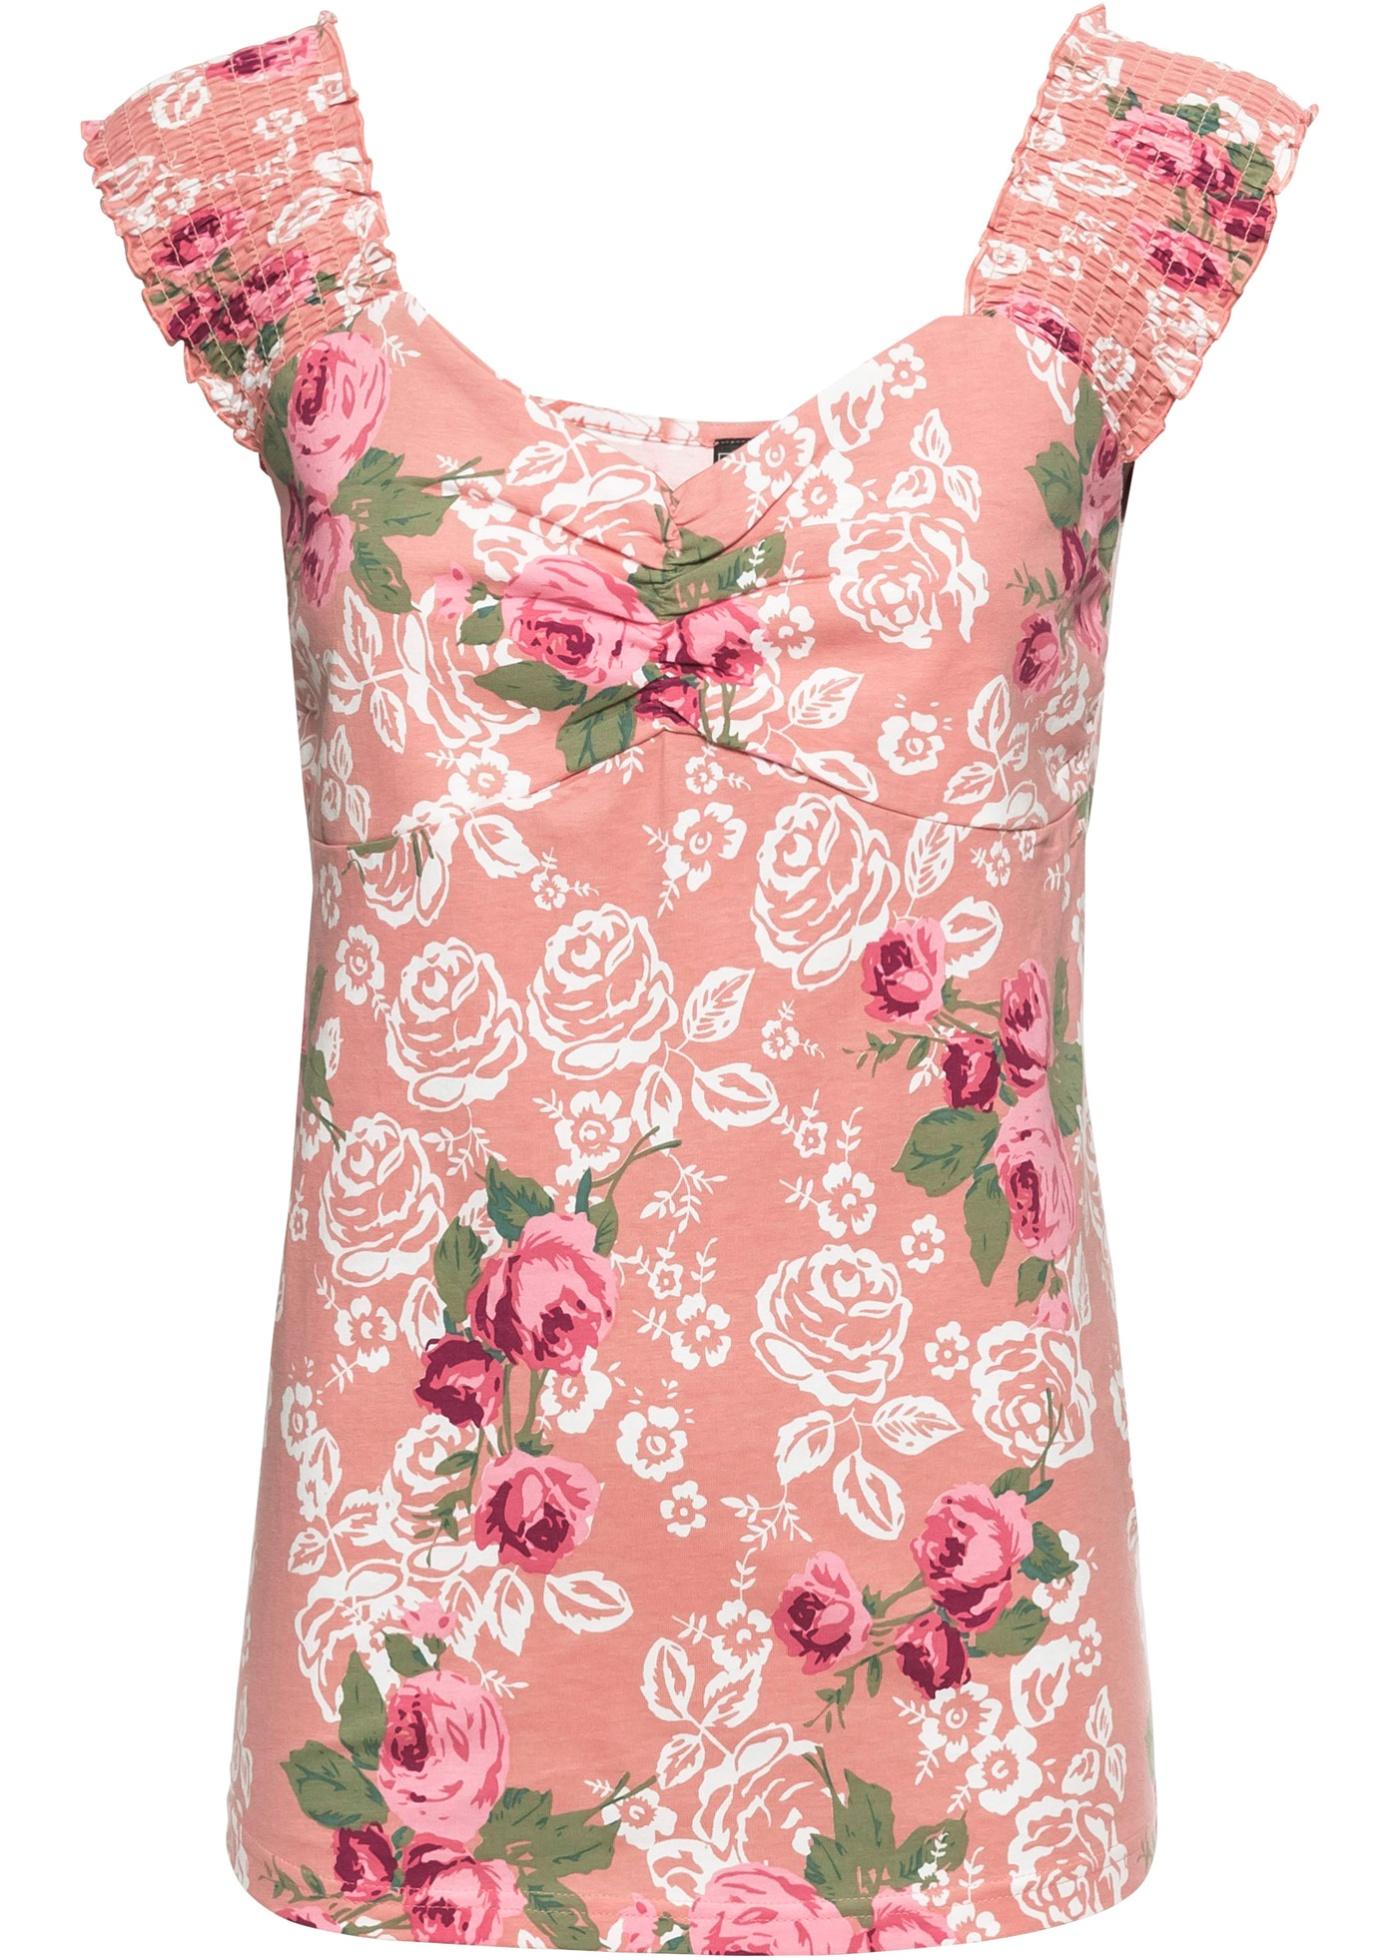 Damen bonprix Shirt mit Blumen rosa | 08901594391265